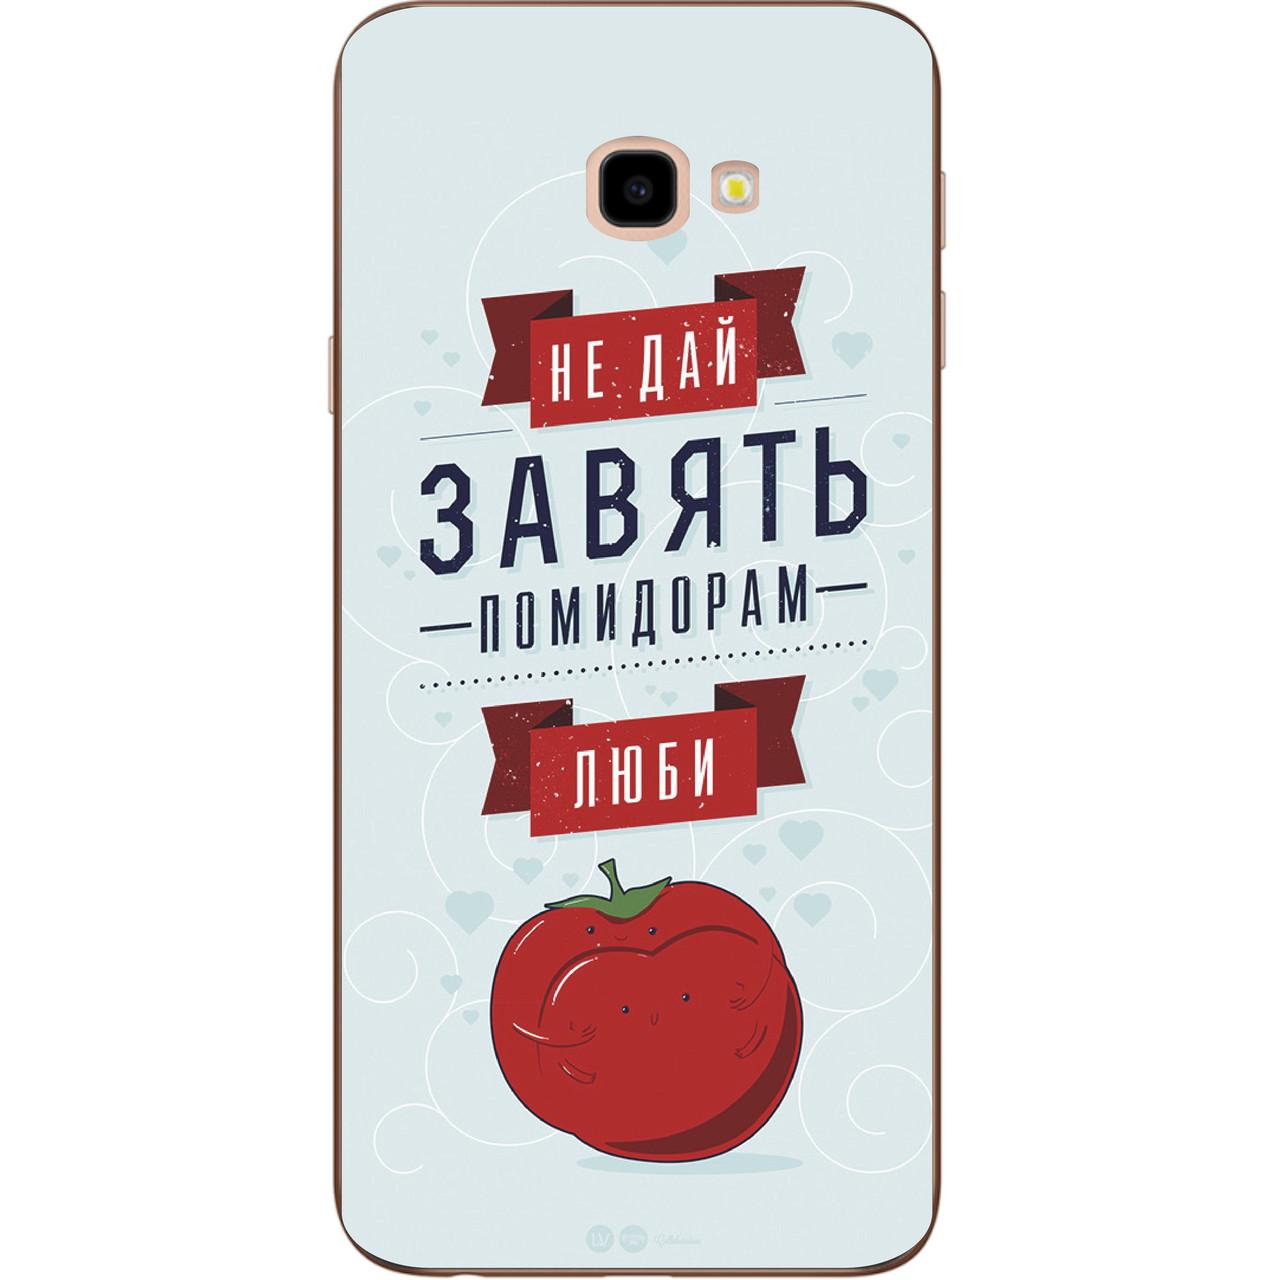 Силиконовый чехол с картинкой для Samsung Galaxy J4 Plus 2018 Не дай завять помидорам